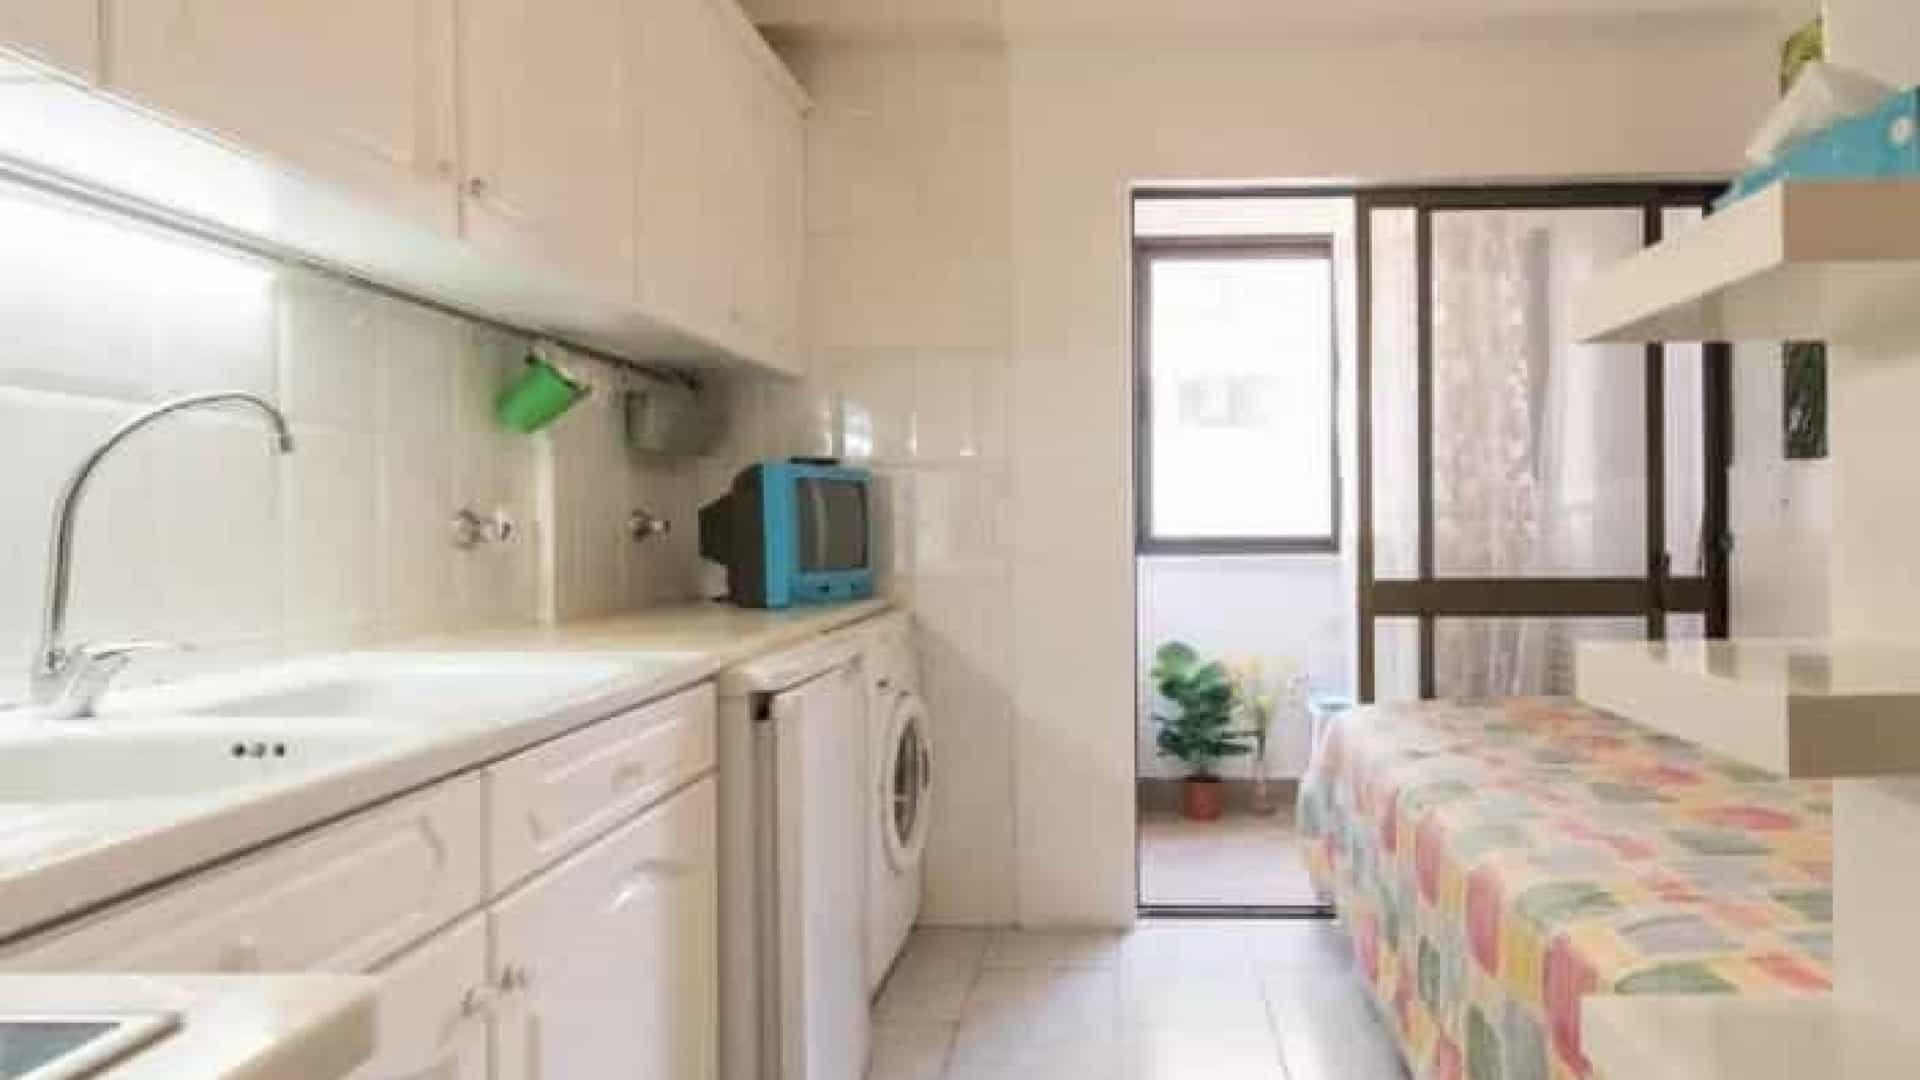 Photo of Podes alugar esta cozinha (com cama) em Benfica por 795 euros por mês